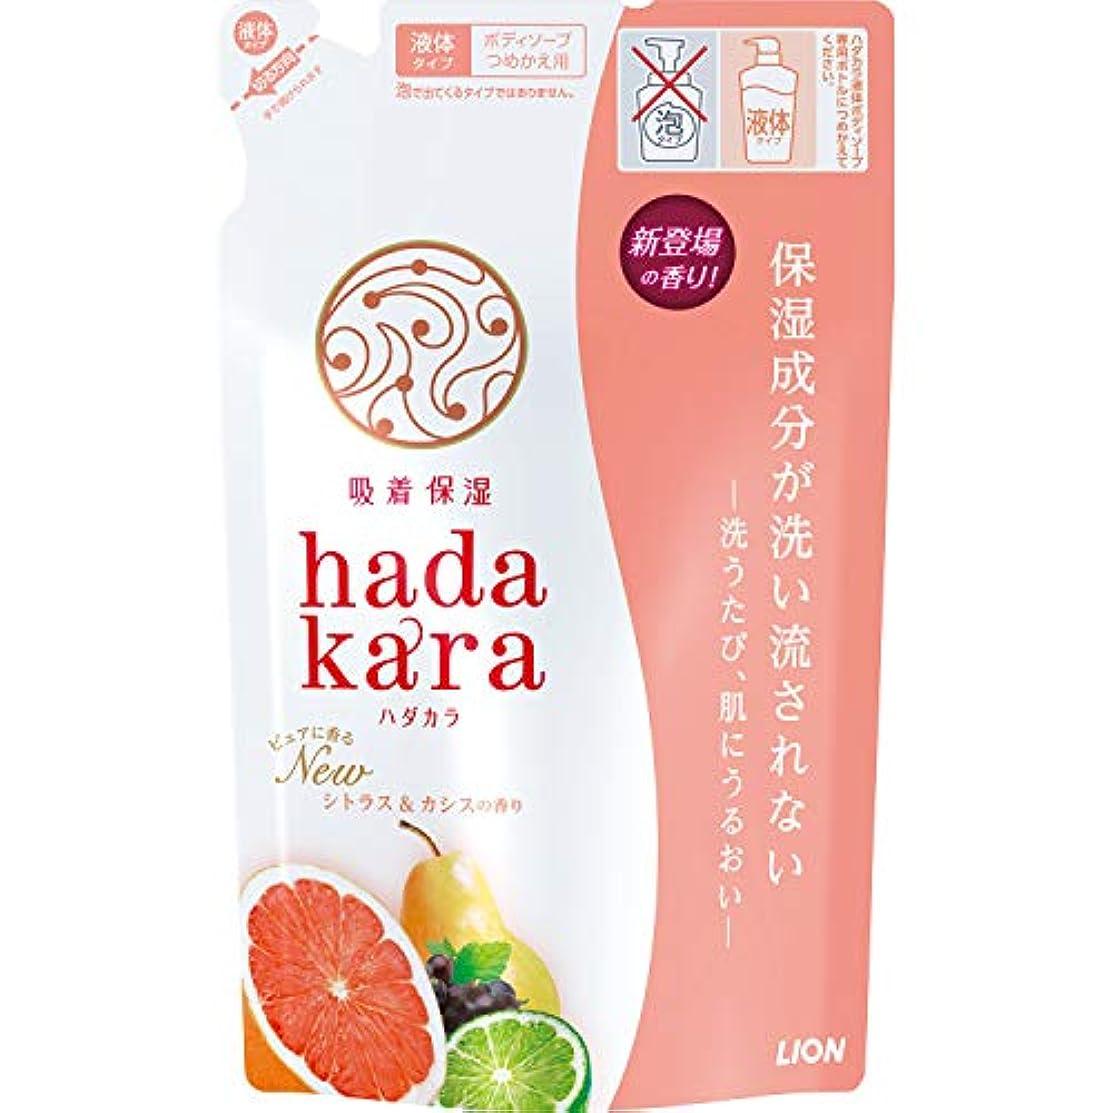 ビヨンクラス水素hadakara(ハダカラ) ボディソープ シトラス&カシスの香り つめかえ 360ml 詰替え用